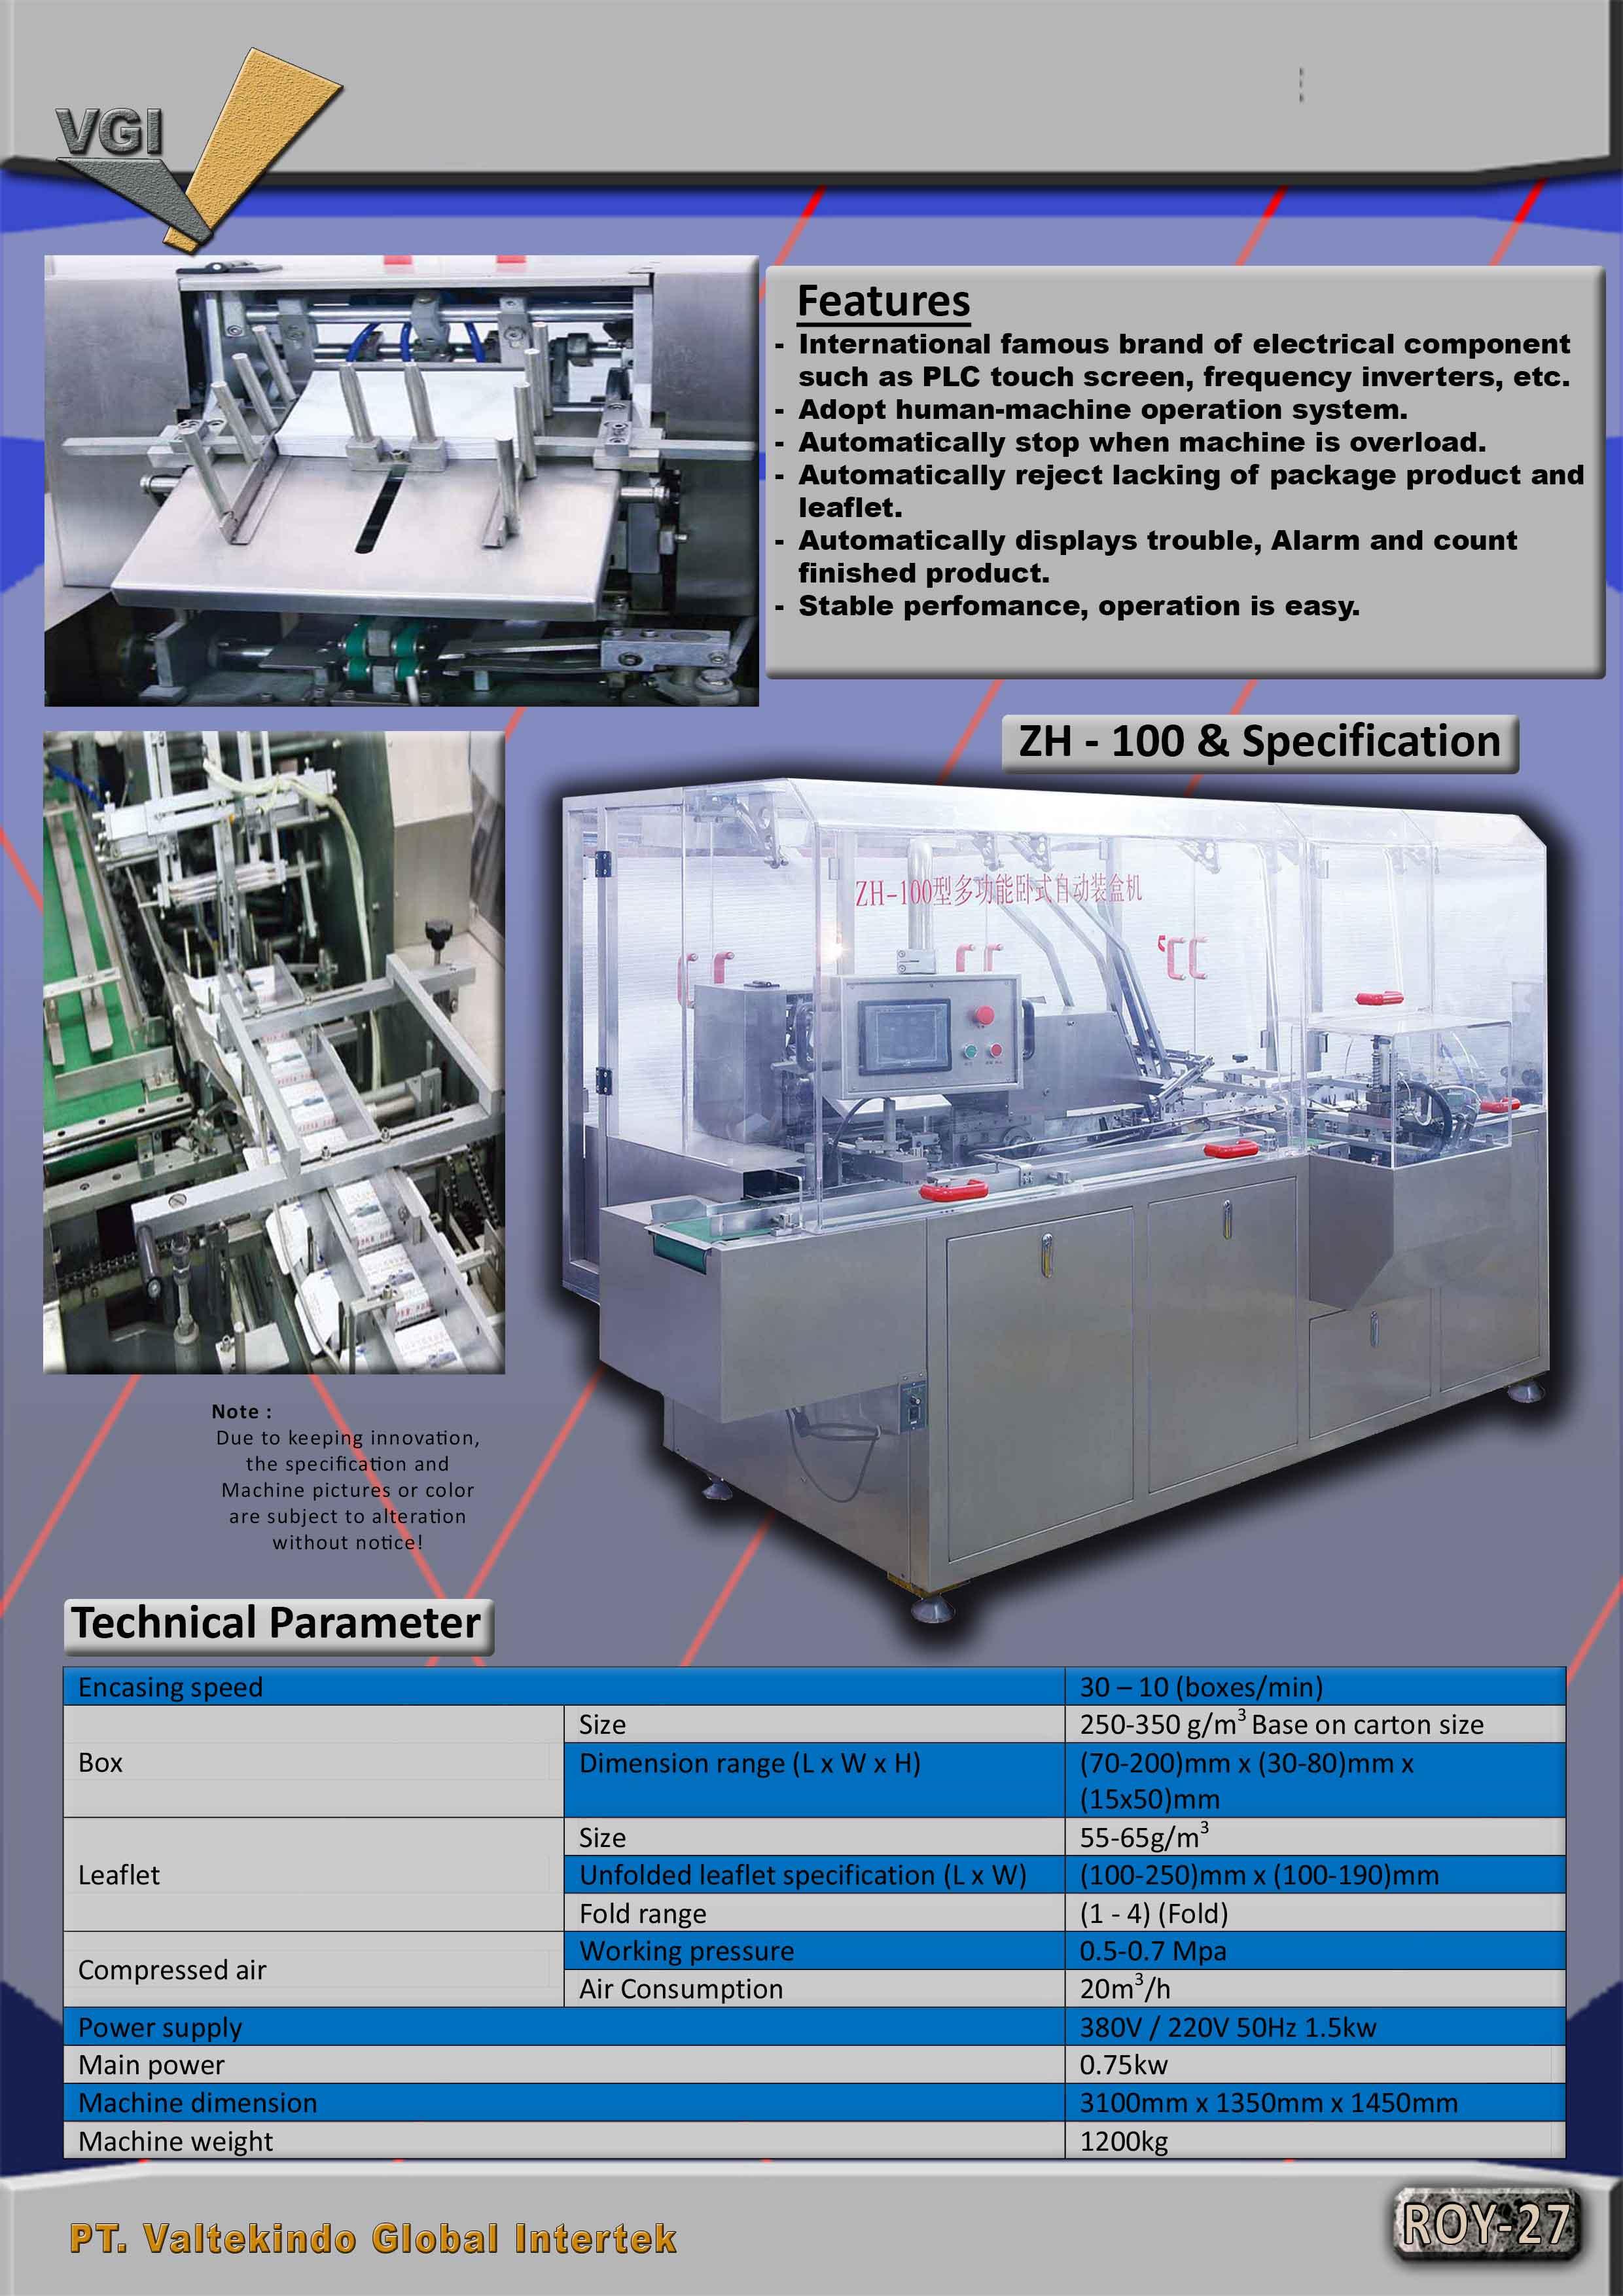 jual mesin, harga mesin, distributor mesin, jual mesin karet, daur ulang plastik Automatic Cartoning Machine spek Automatic Cartoning Machine spek